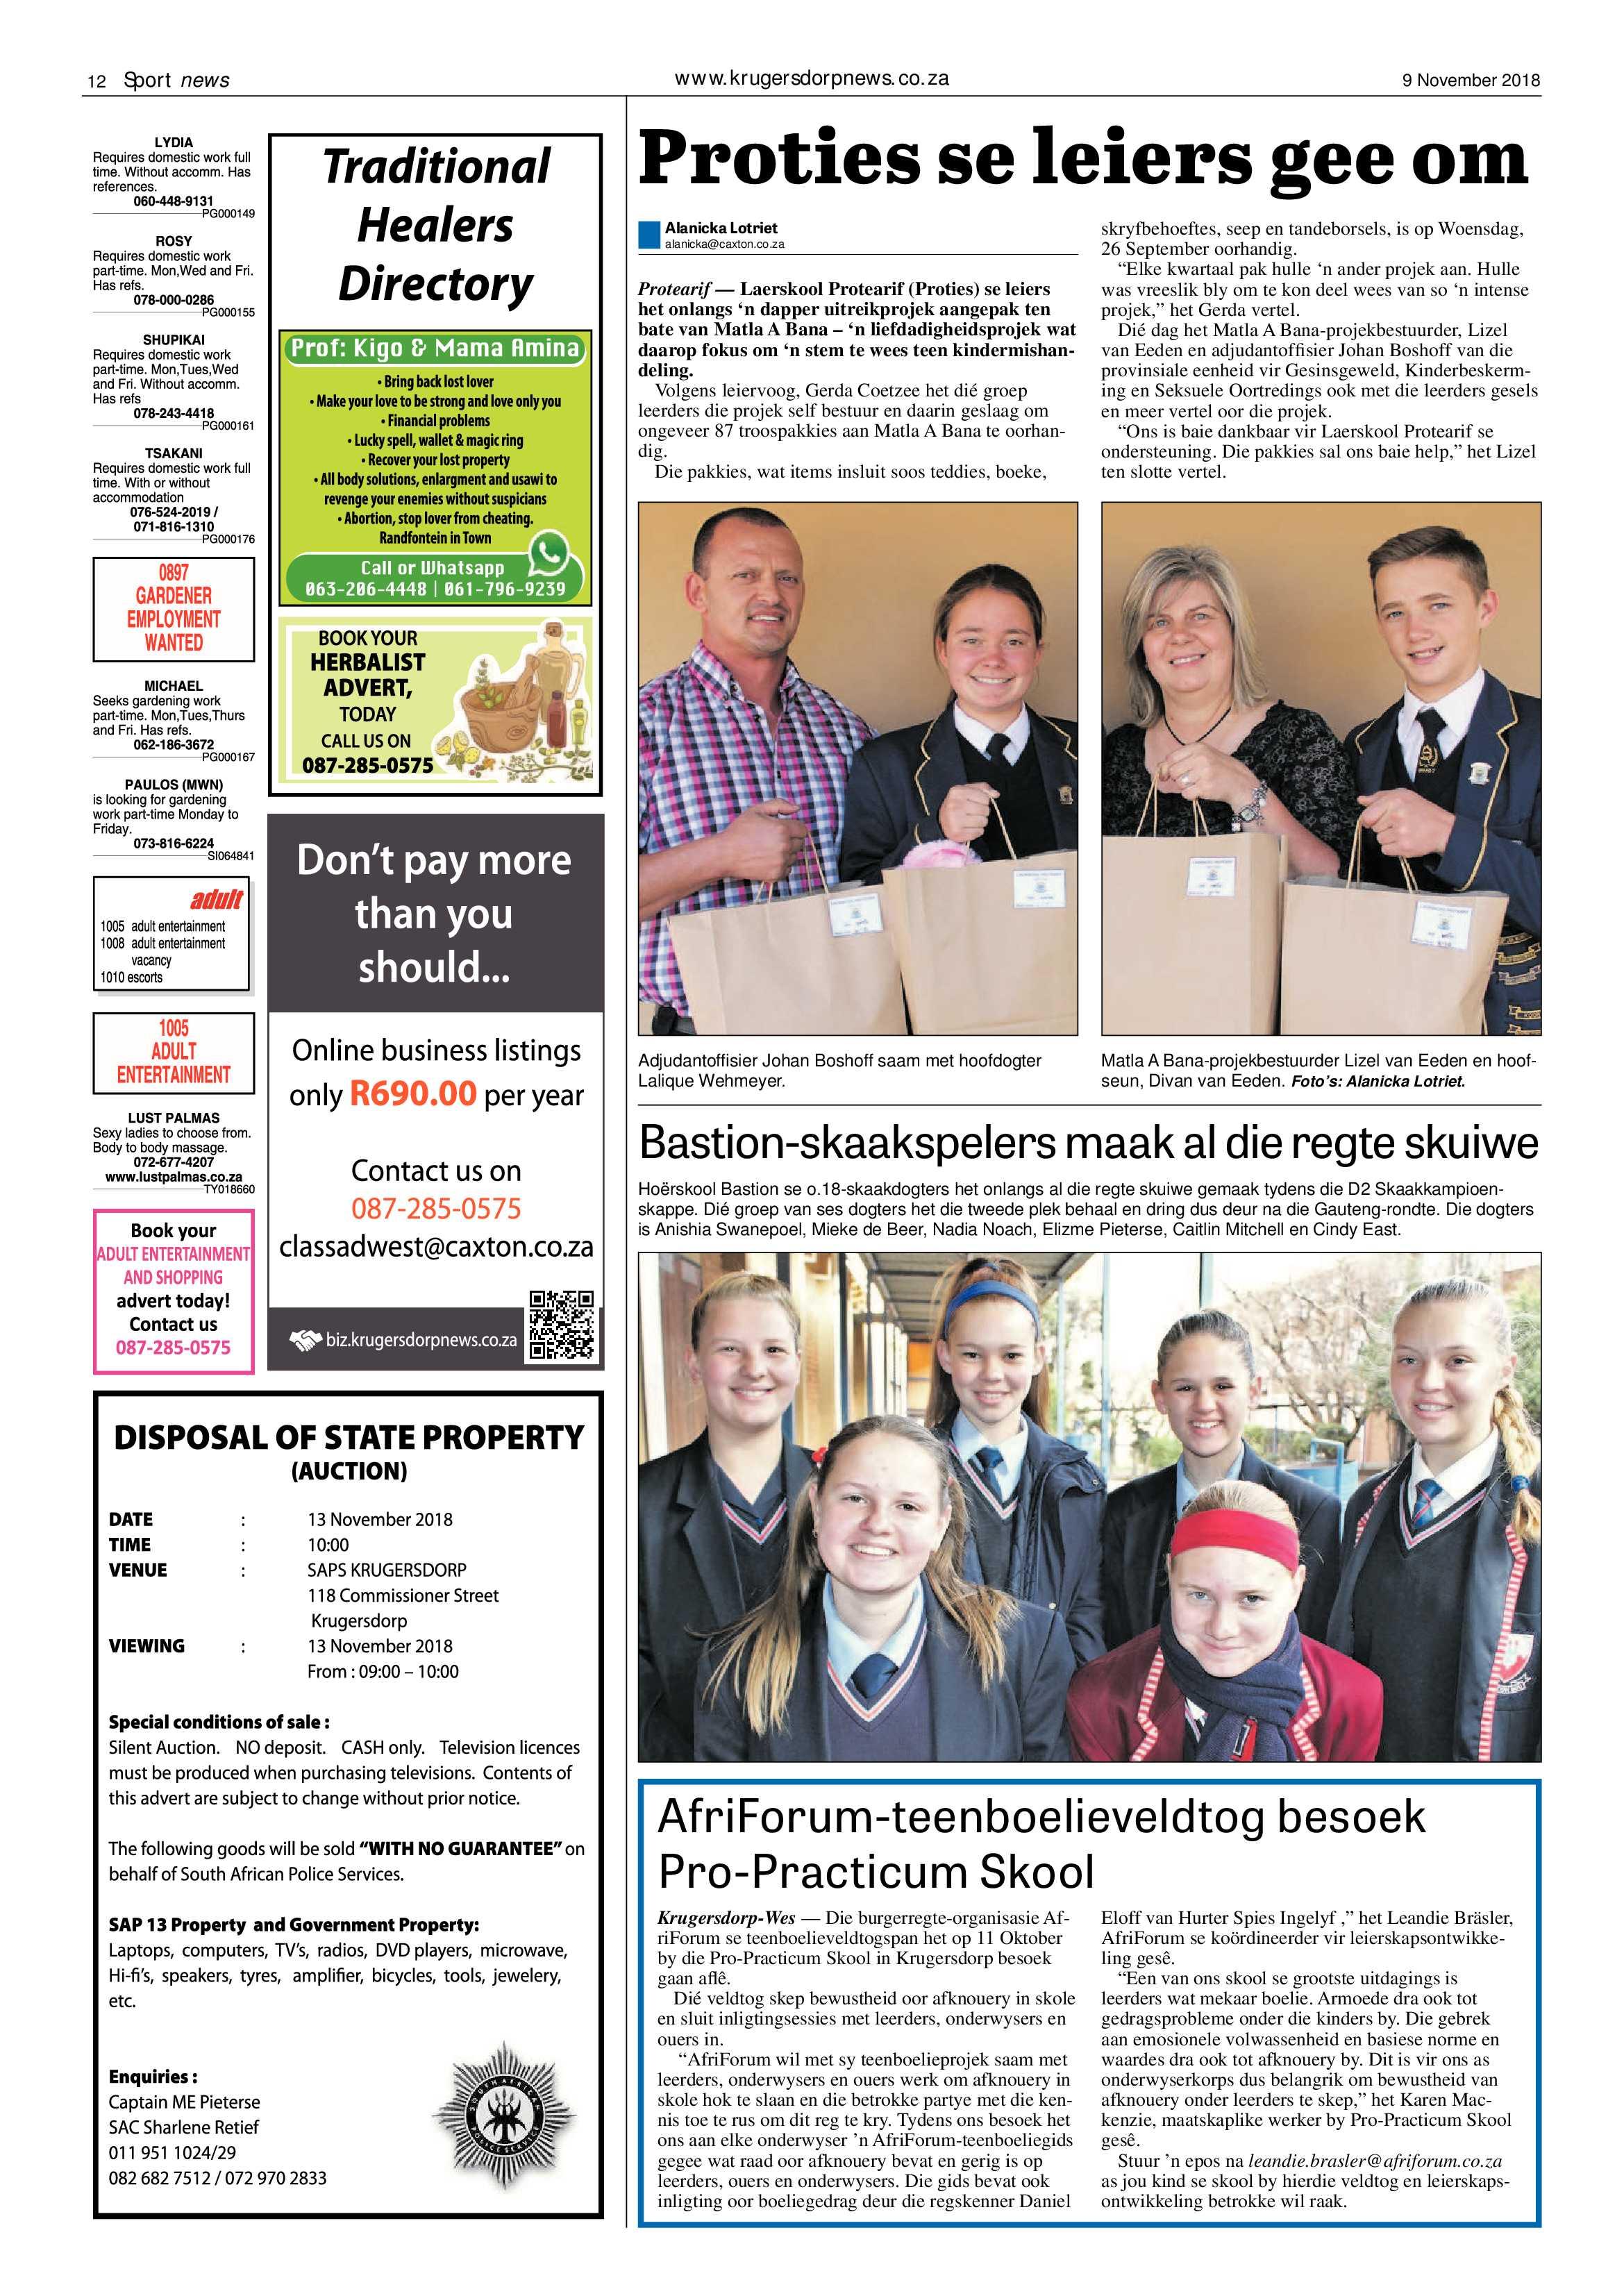 krugersdorp-news-9-november-2018-epapers-page-12